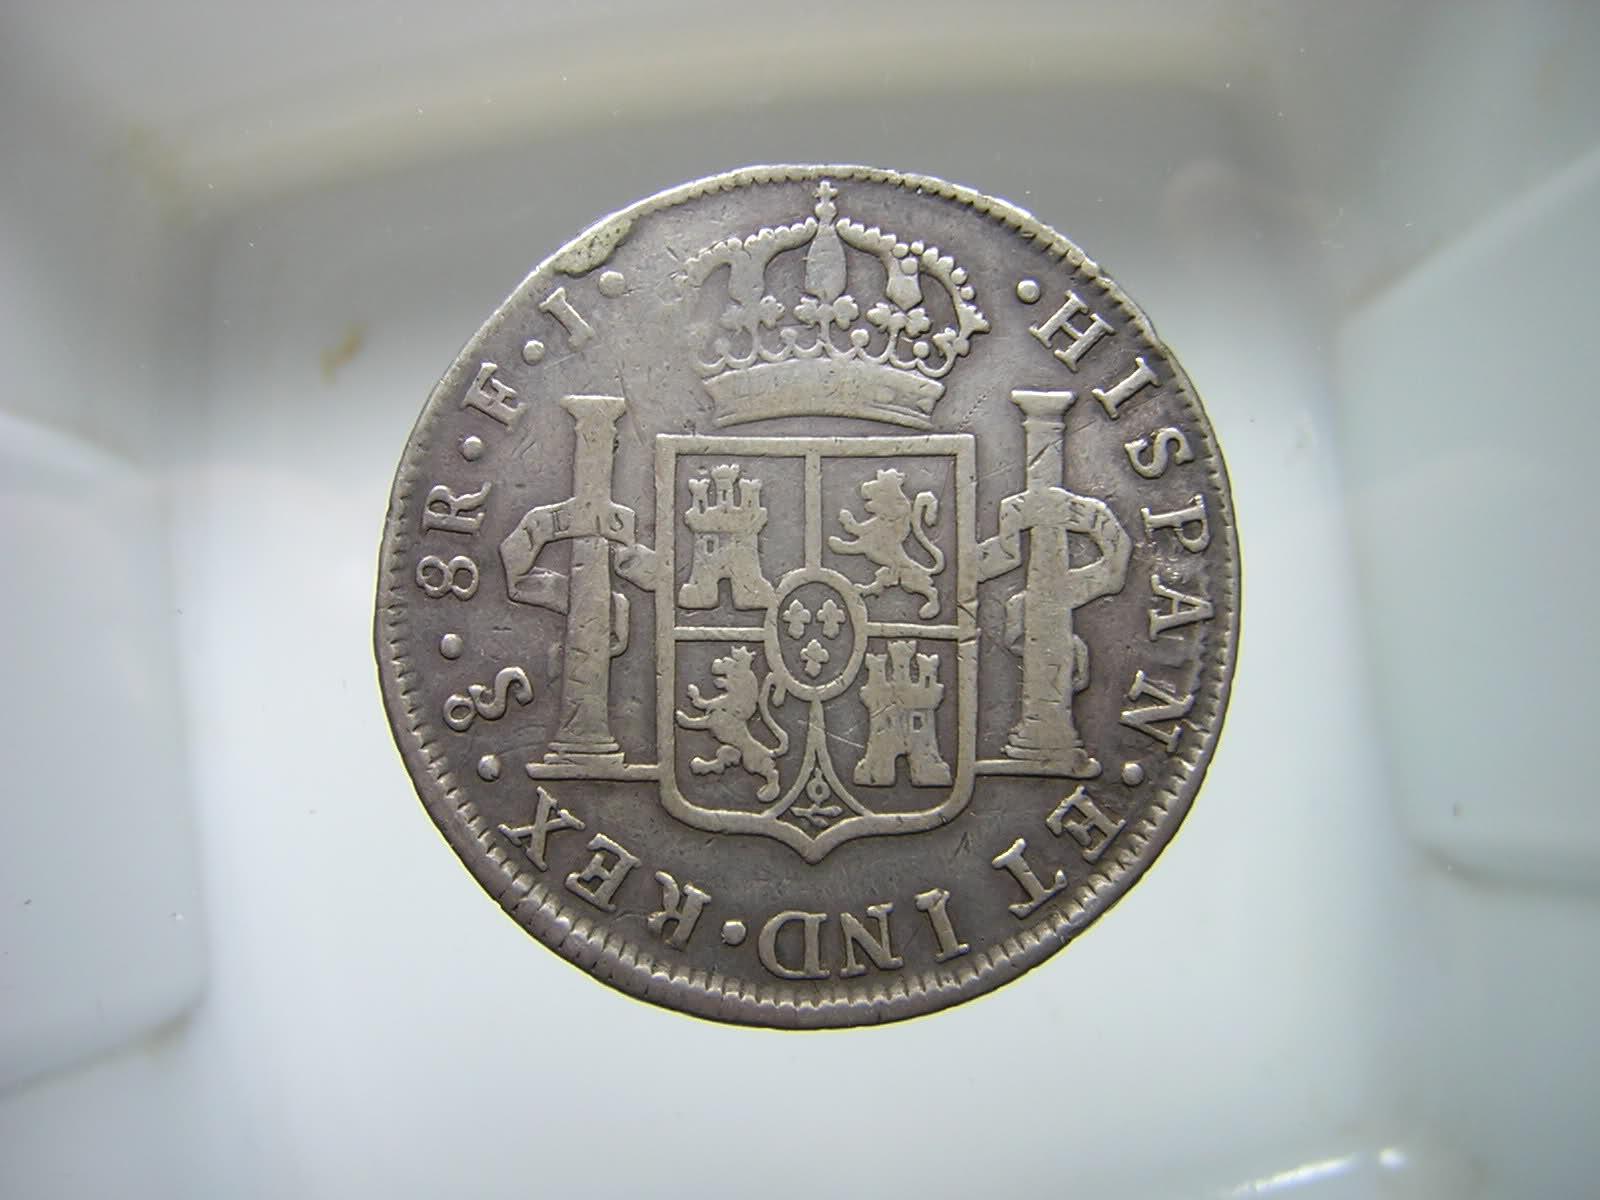 Monedas de Chile - Epoca Colonial e Republicana Kdqtkx